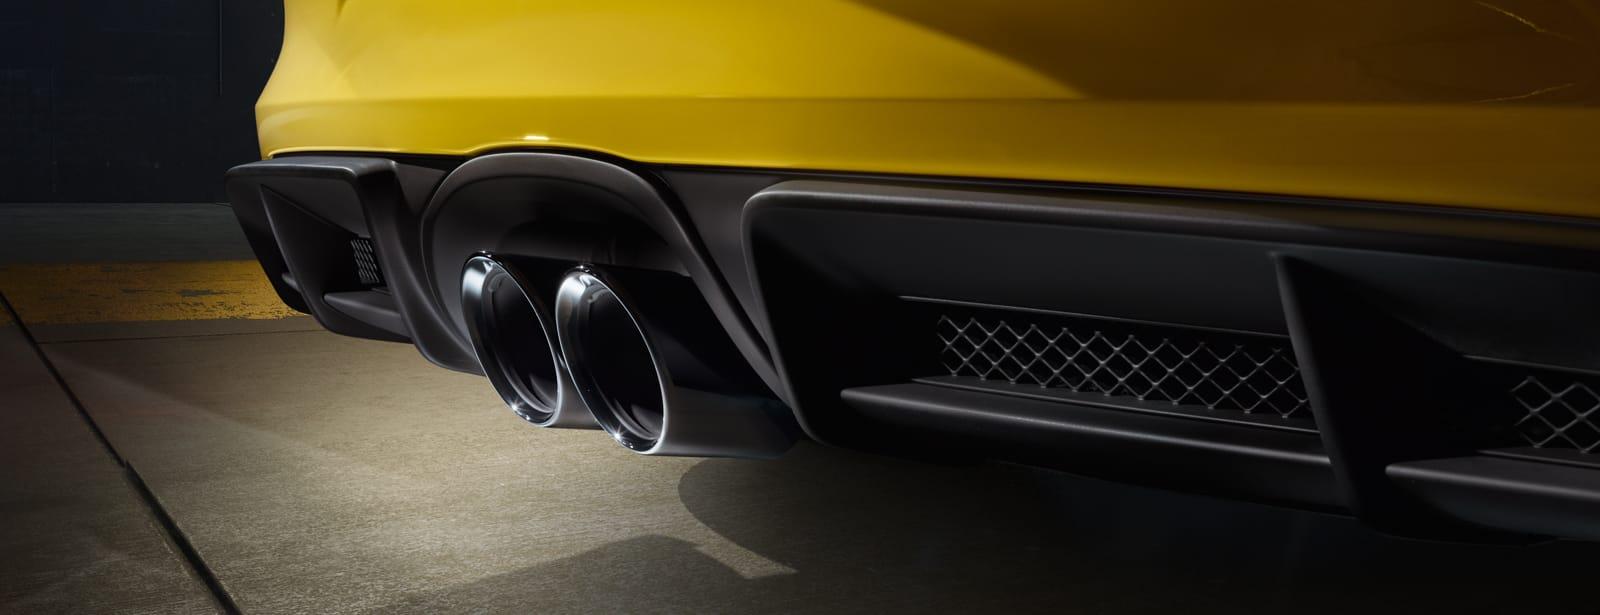 Porsche-Cayman-GT4-11